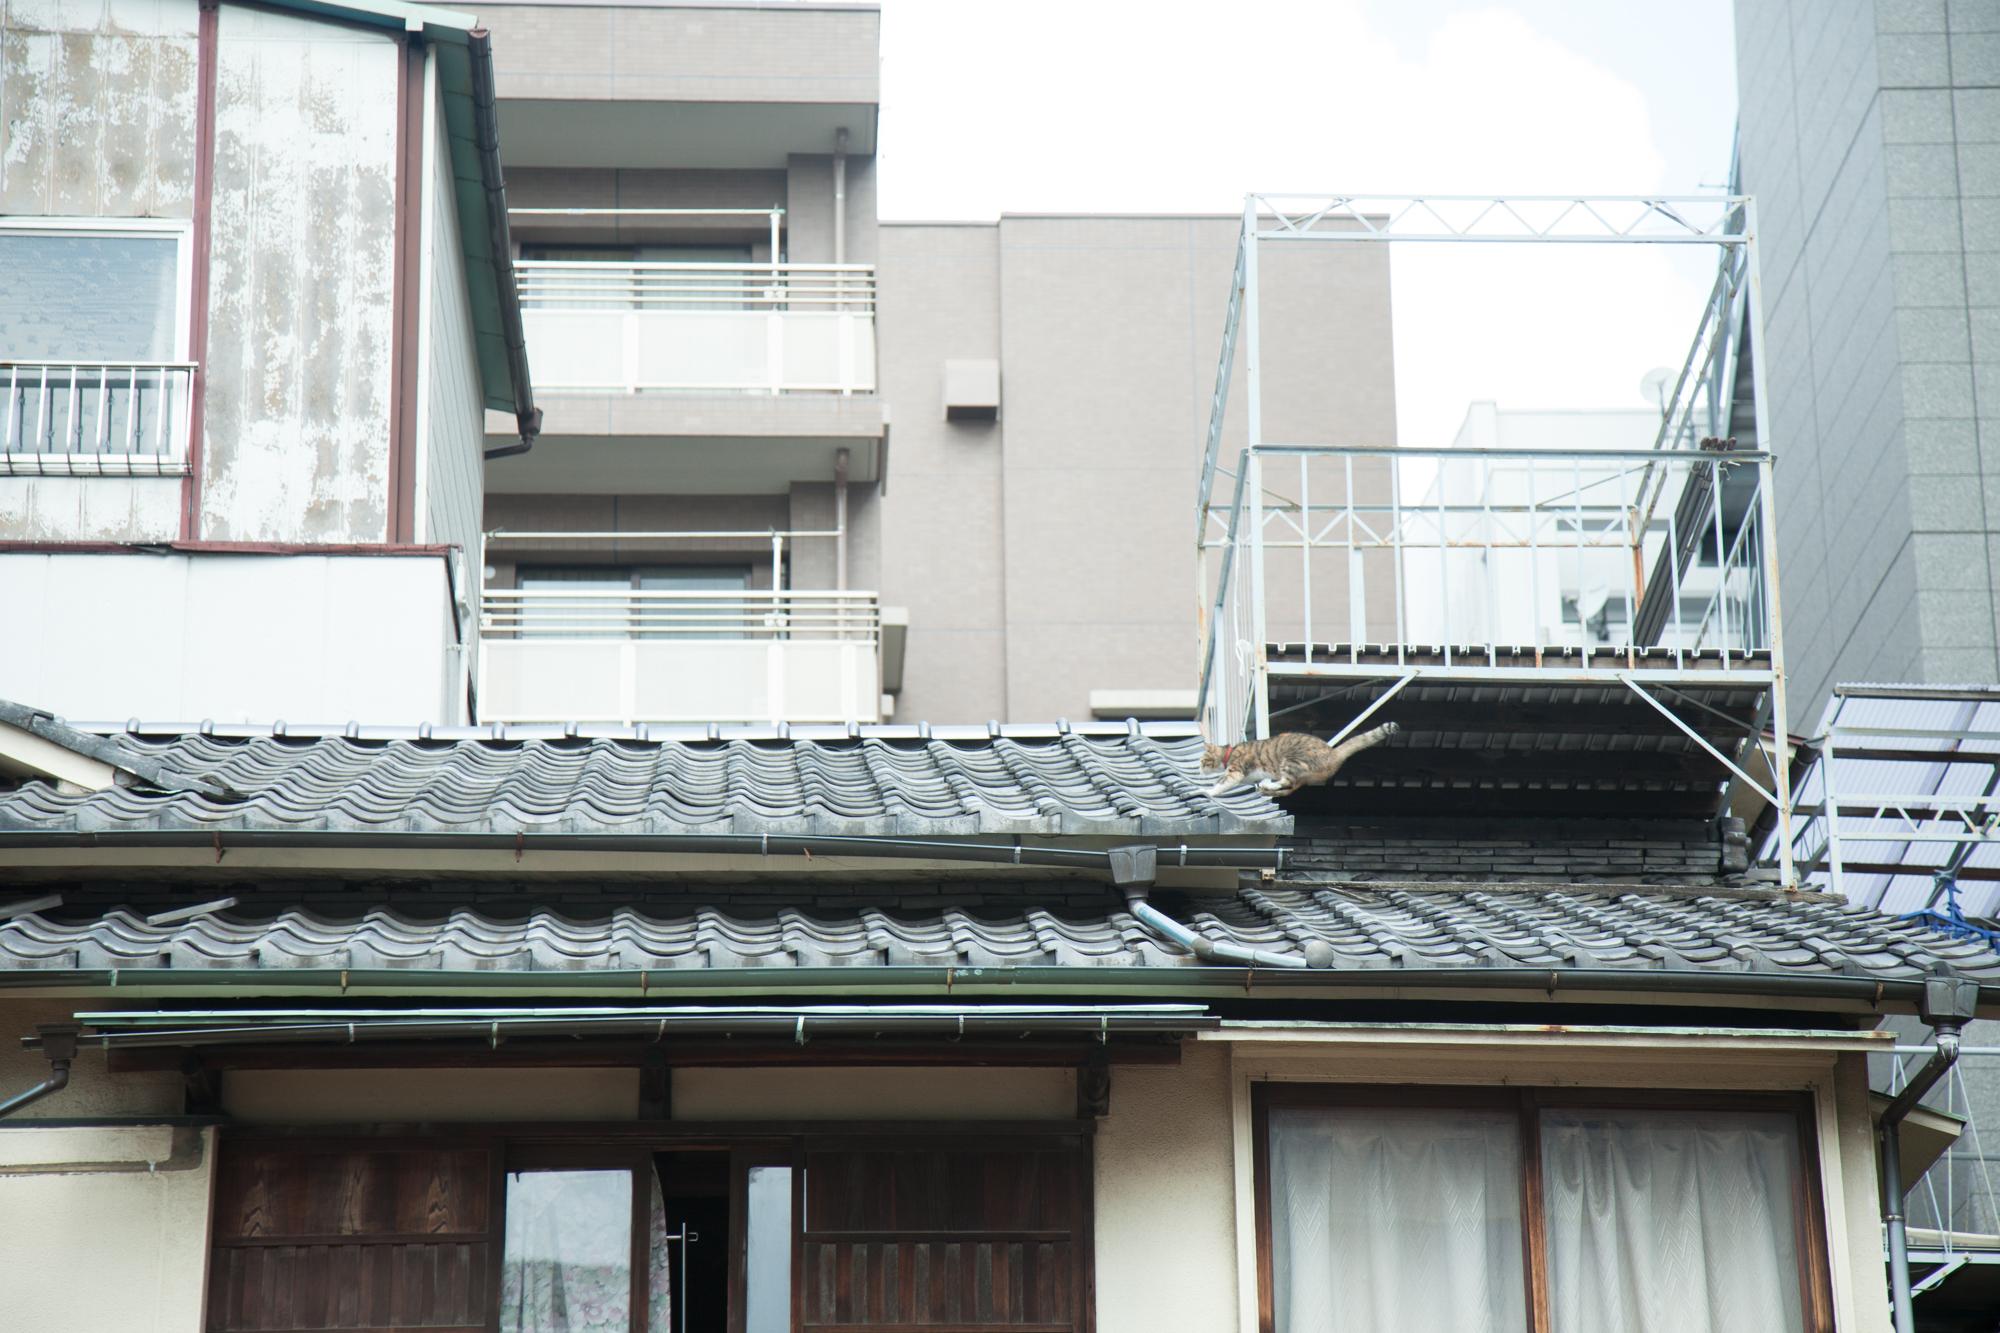 アサゲ・ニホンバシ 2012 photo:KAWASE Kazue http://www.nihonbashifriend.com/asage/archive/index.php